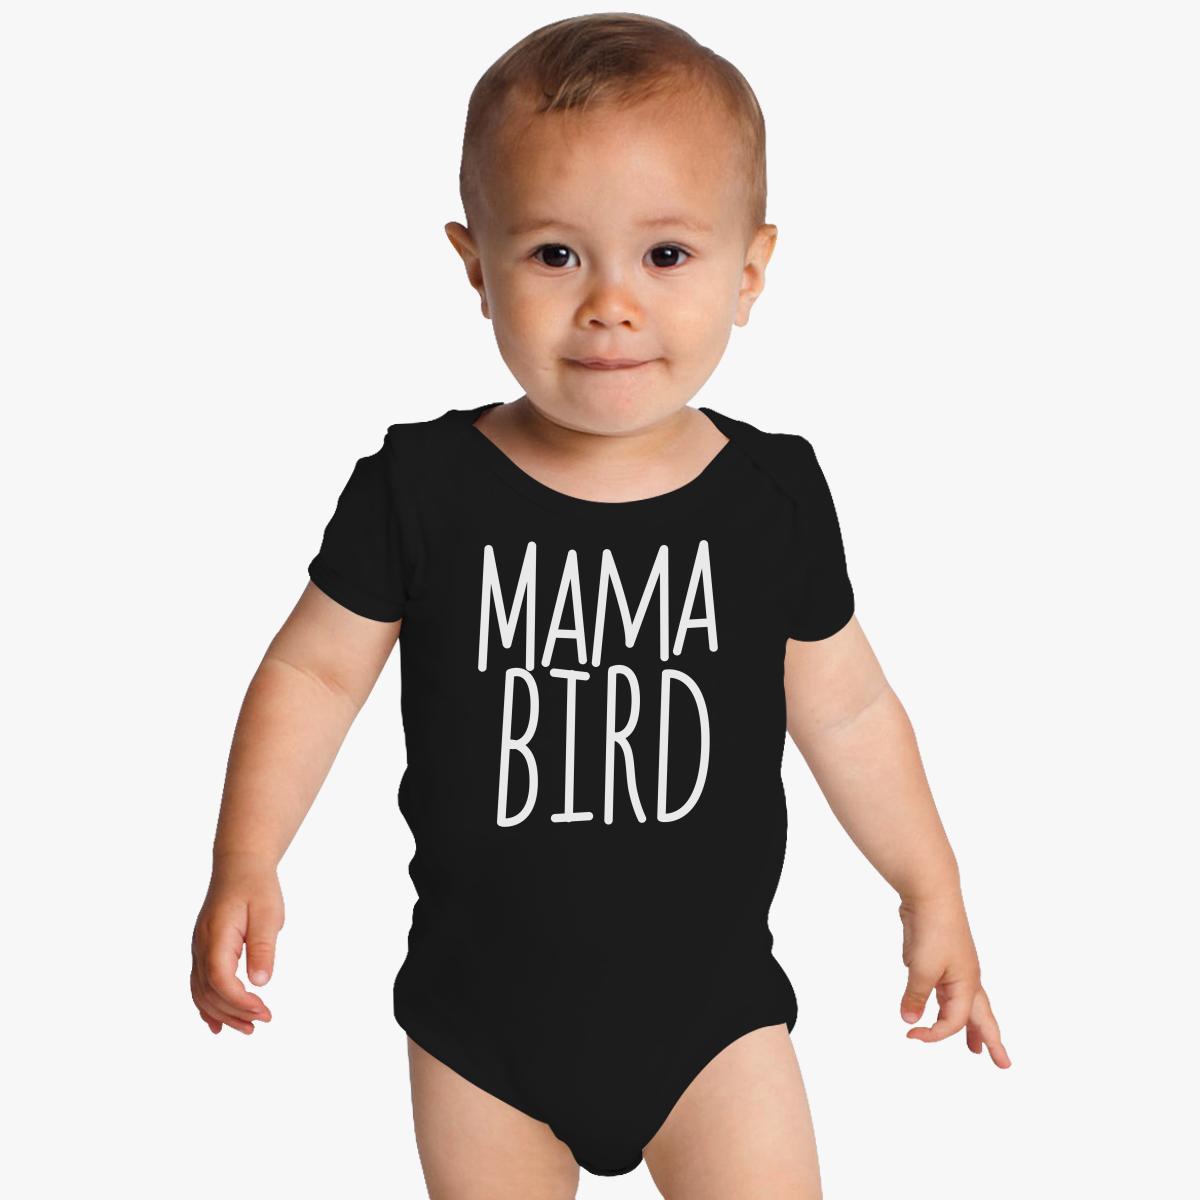 Mama bird Baby Onesies